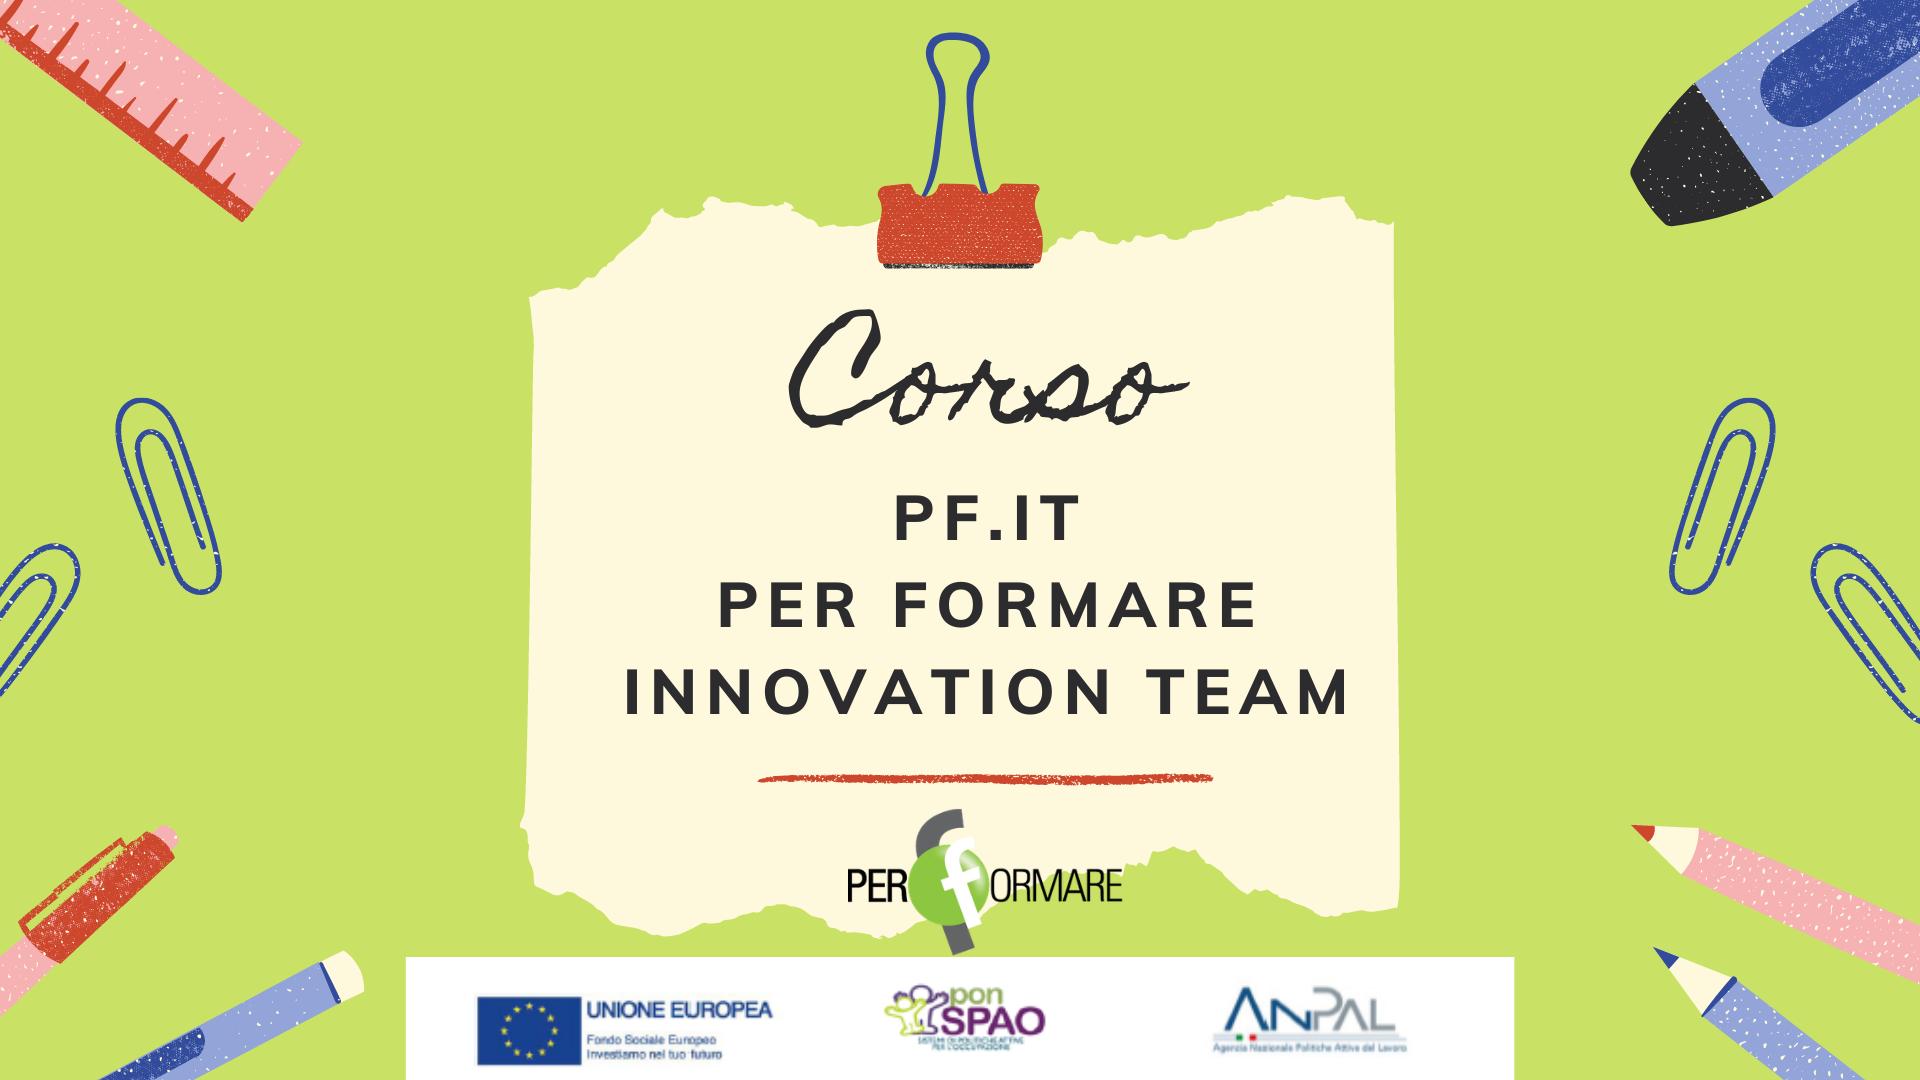 PF.it - Per Formare Innovation team